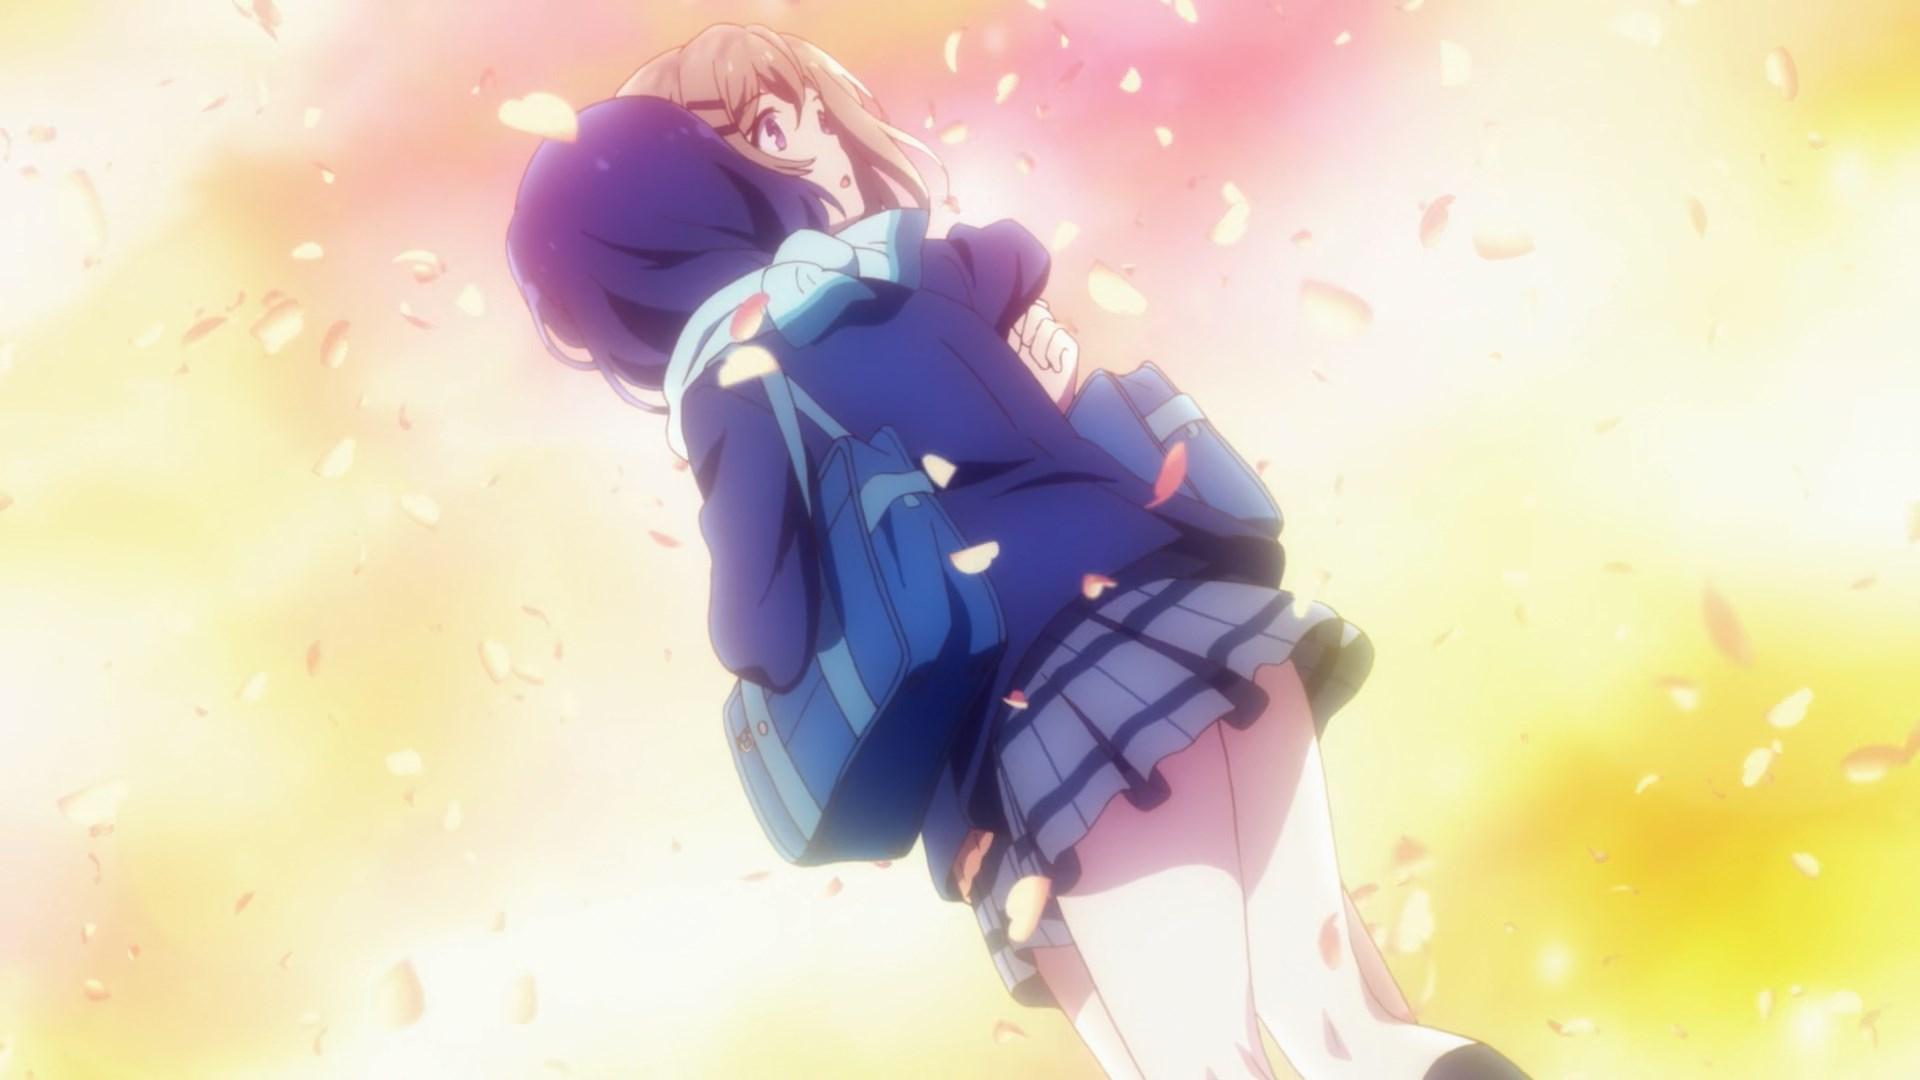 Adachi's big love hug